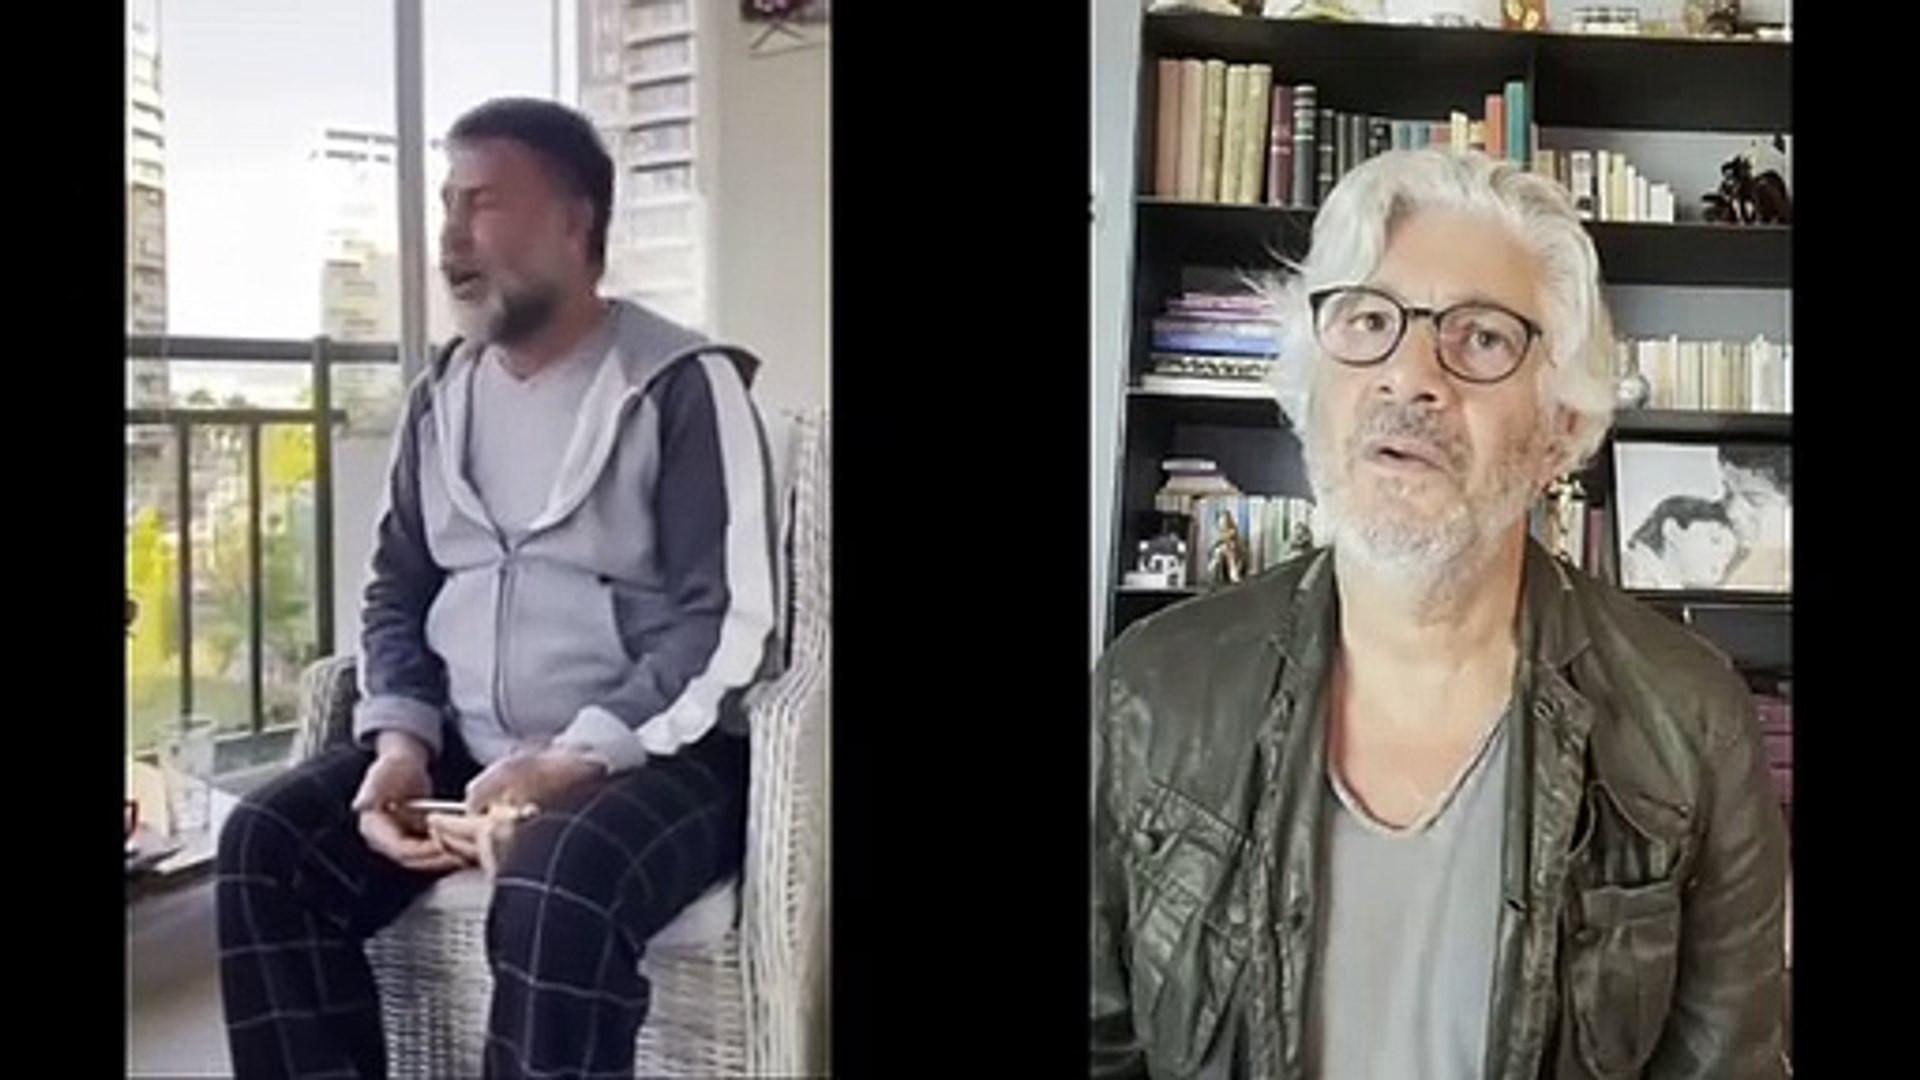 Behzat Uygur İzzet Yıldızhan'dan 1000 Euro isterse...